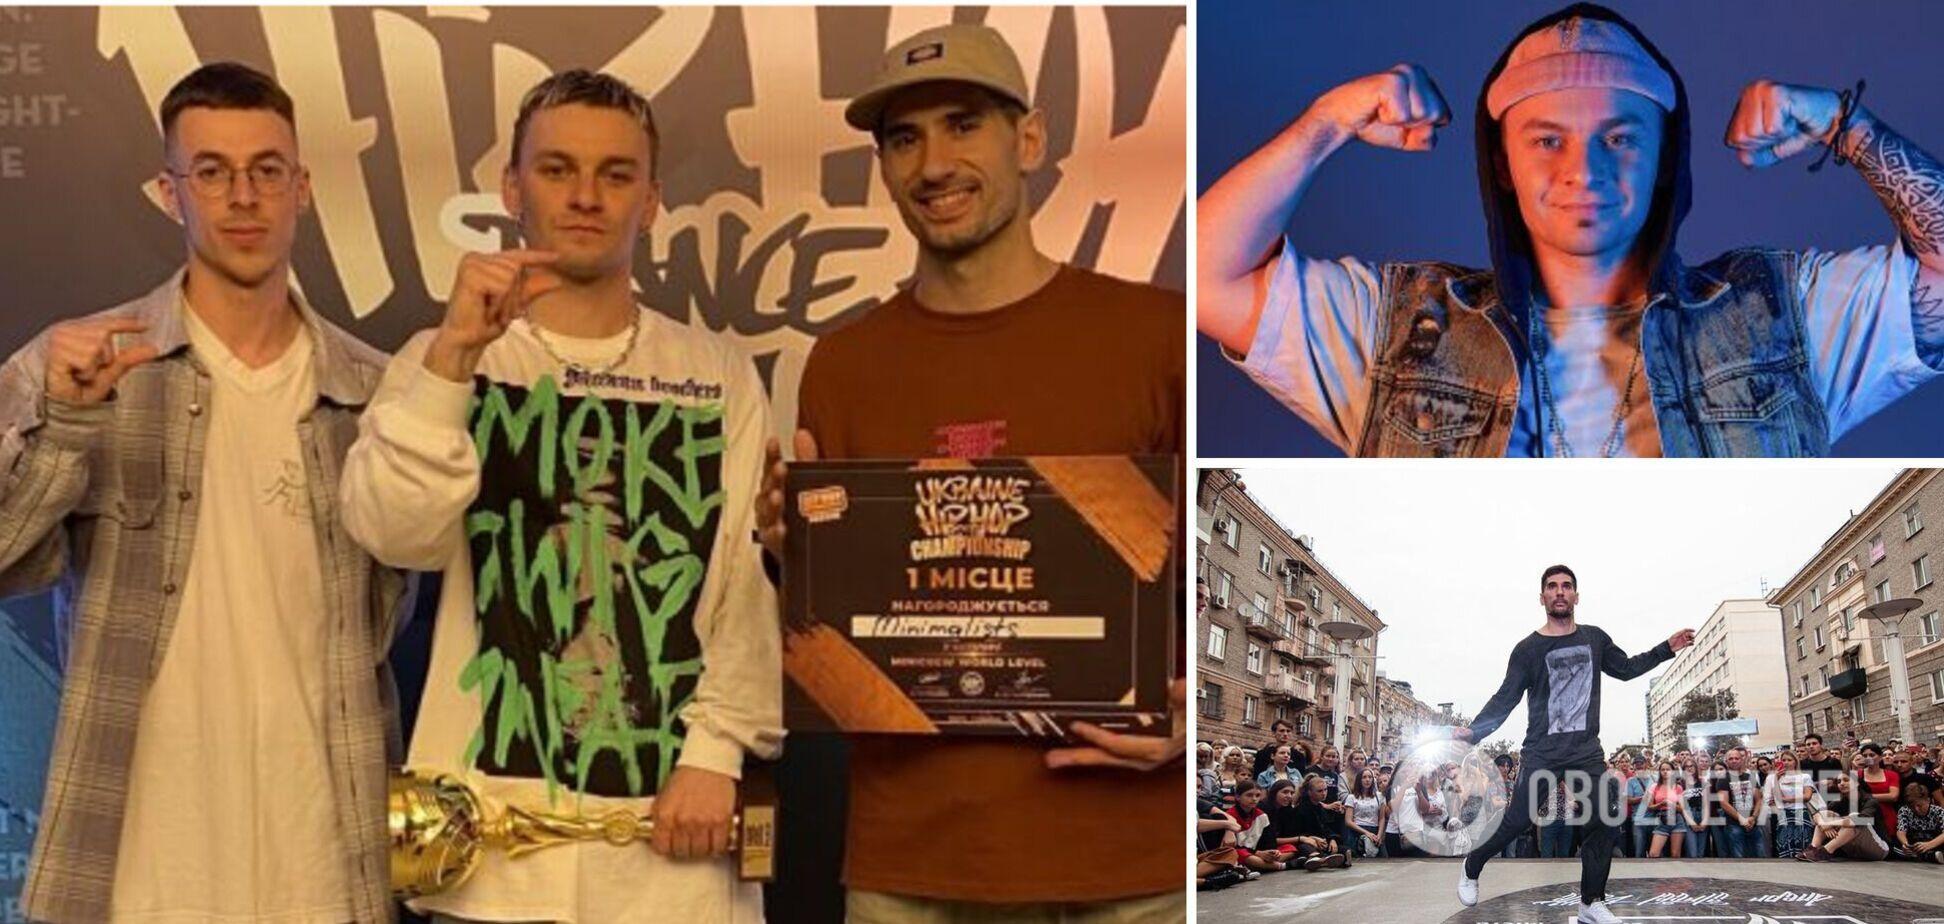 Український хіп-хоп-колектив уперше став чемпіоном світу. Відео